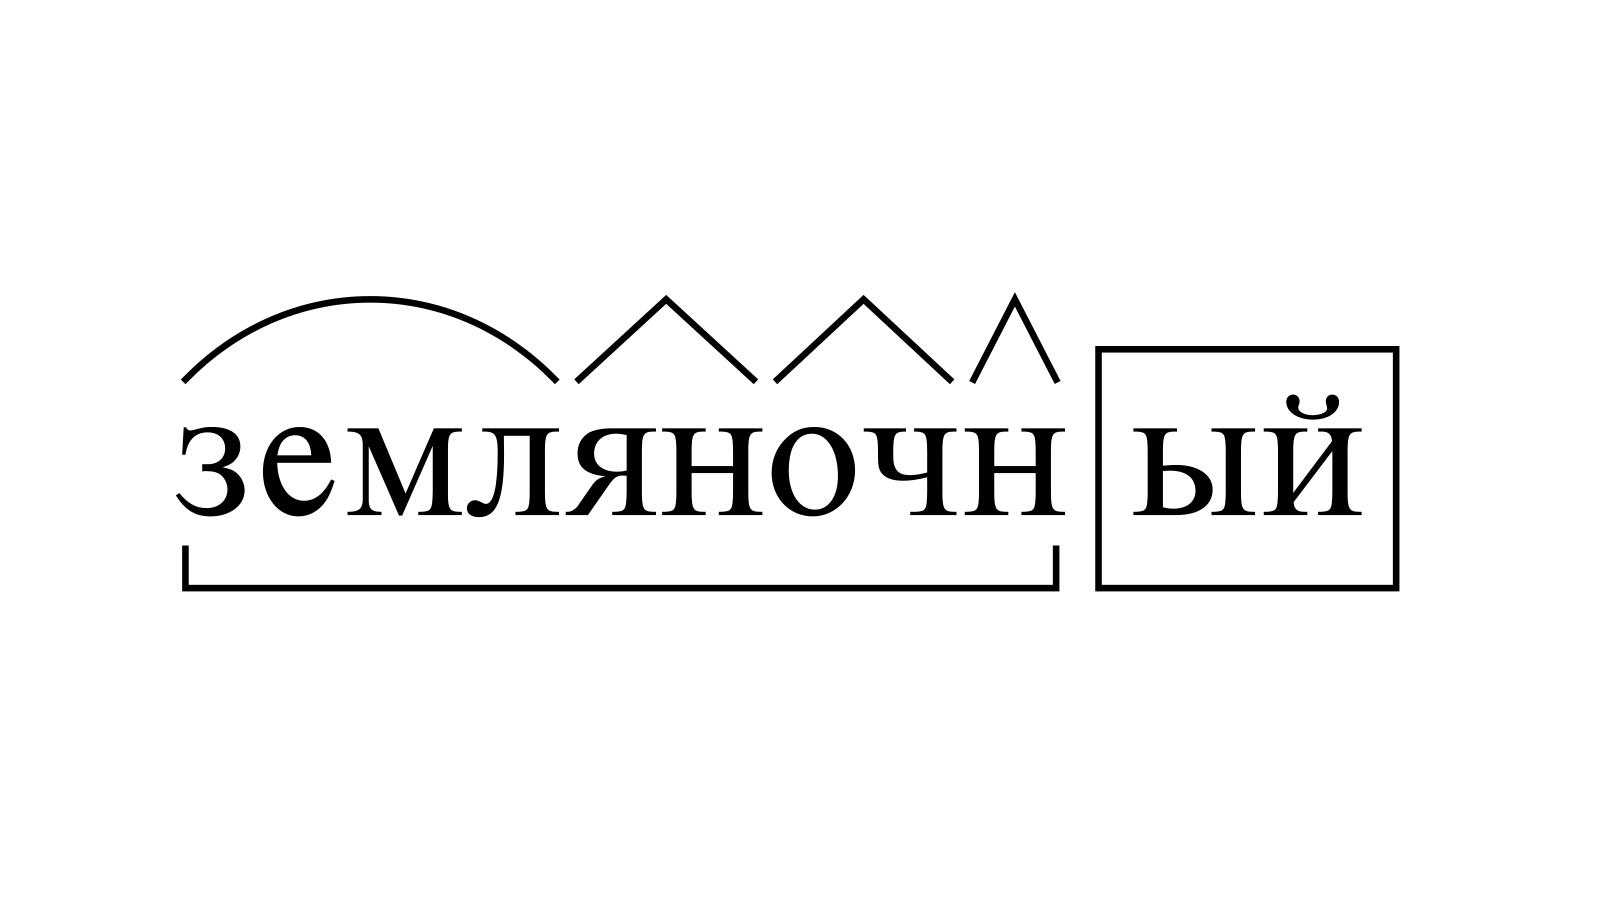 Разбор слова «земляночный» по составу